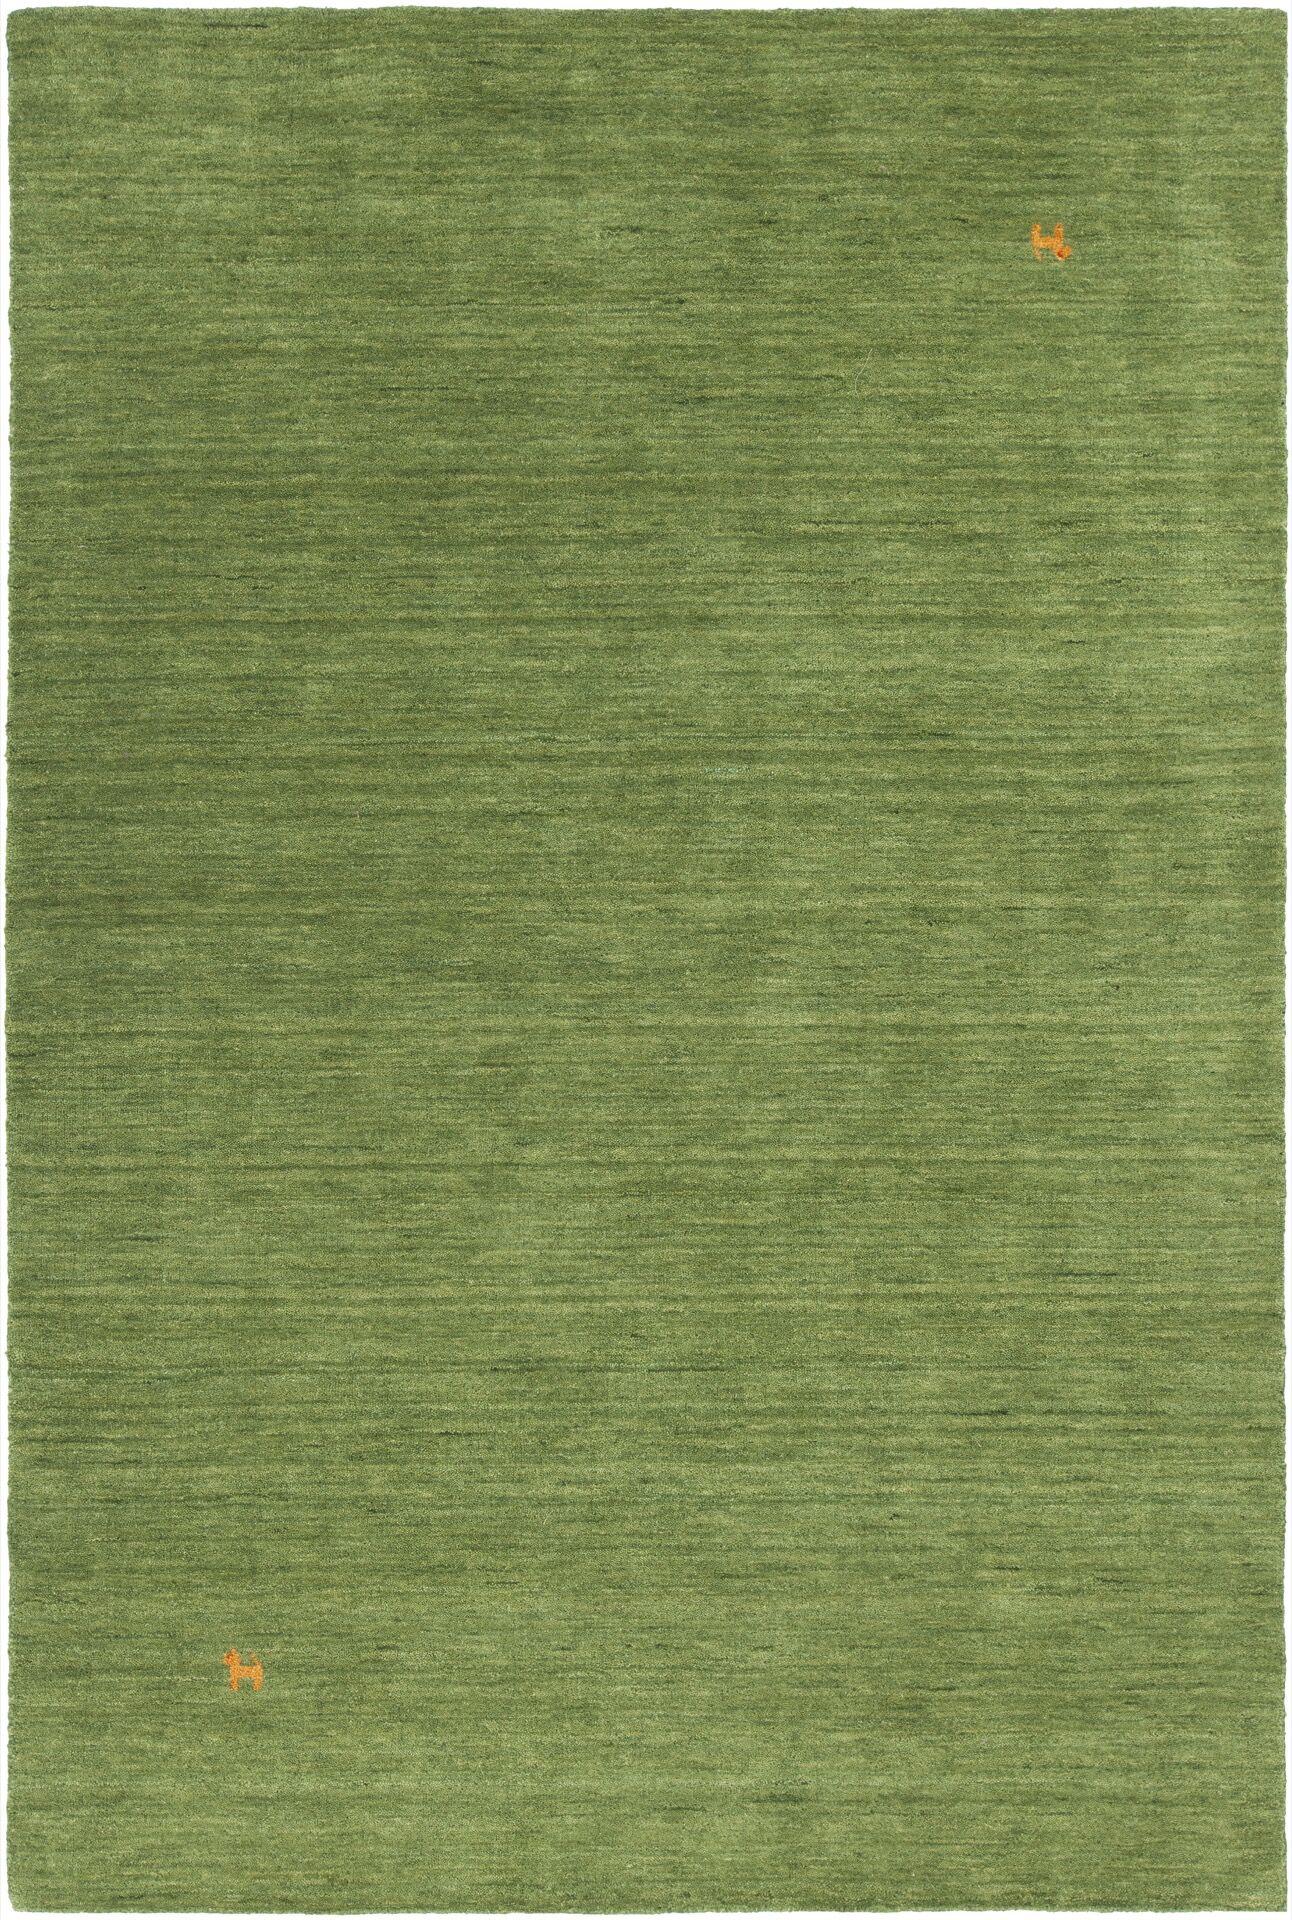 Stockstill Handmade Green Area Rug Rug Size: Round 7'9